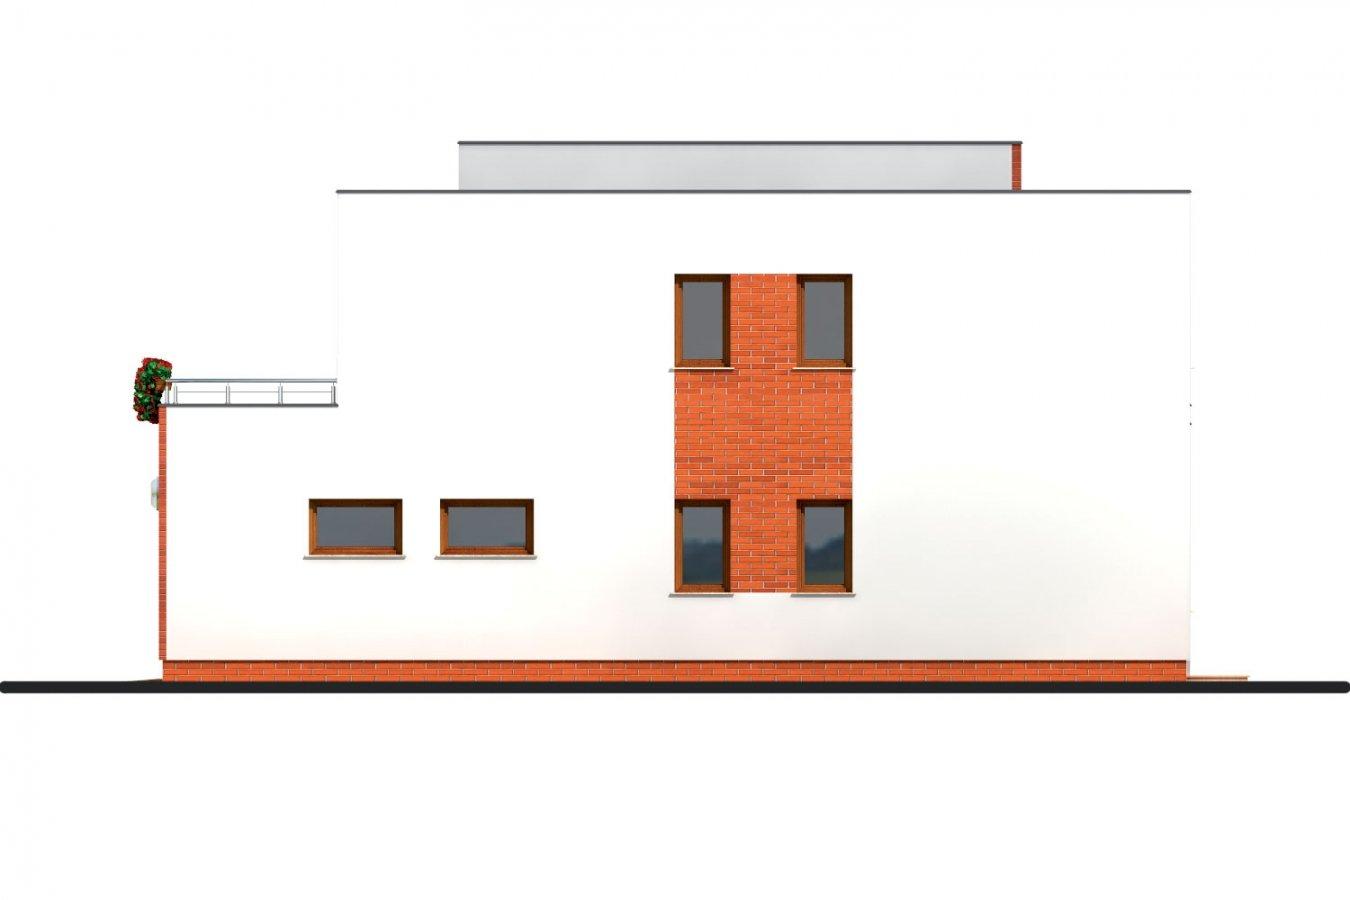 Pohľad 4. - Veľký dom s plochou strechou.